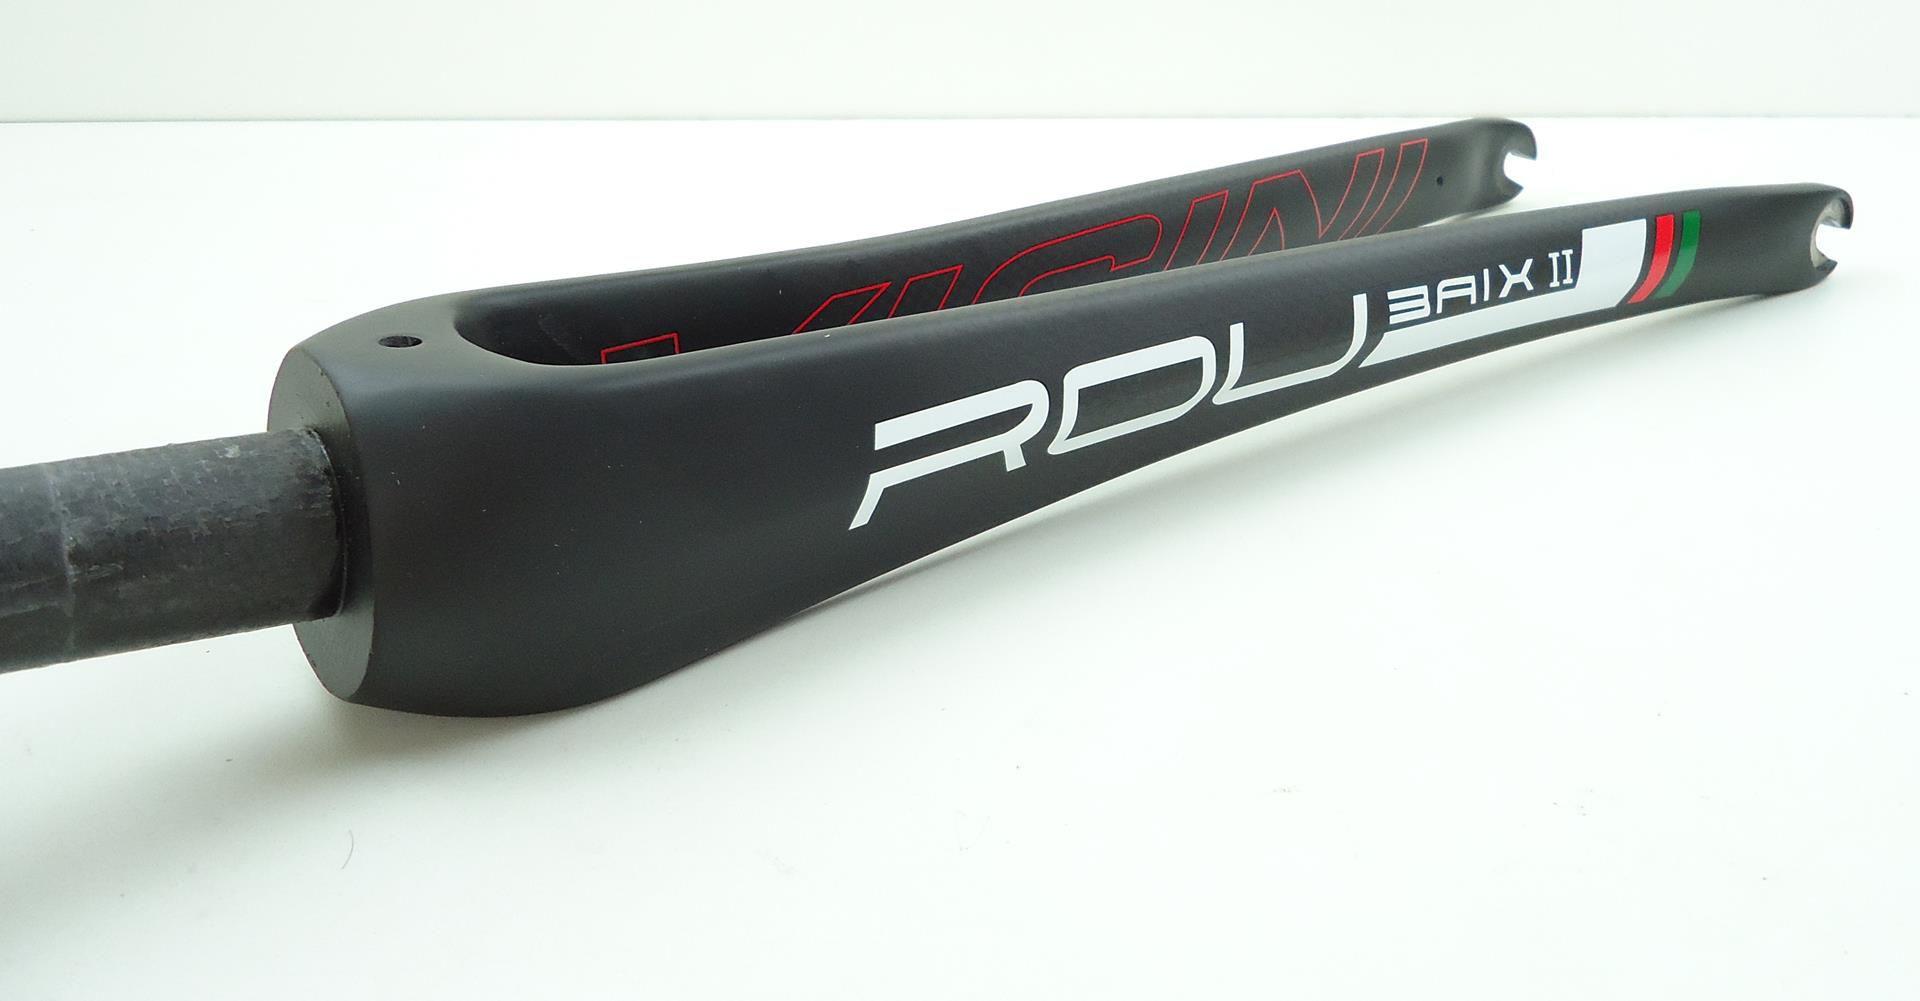 Garfo Bicicleta Speed Vicinitech Roubaix em Carbono Espiga Reta Aro 700